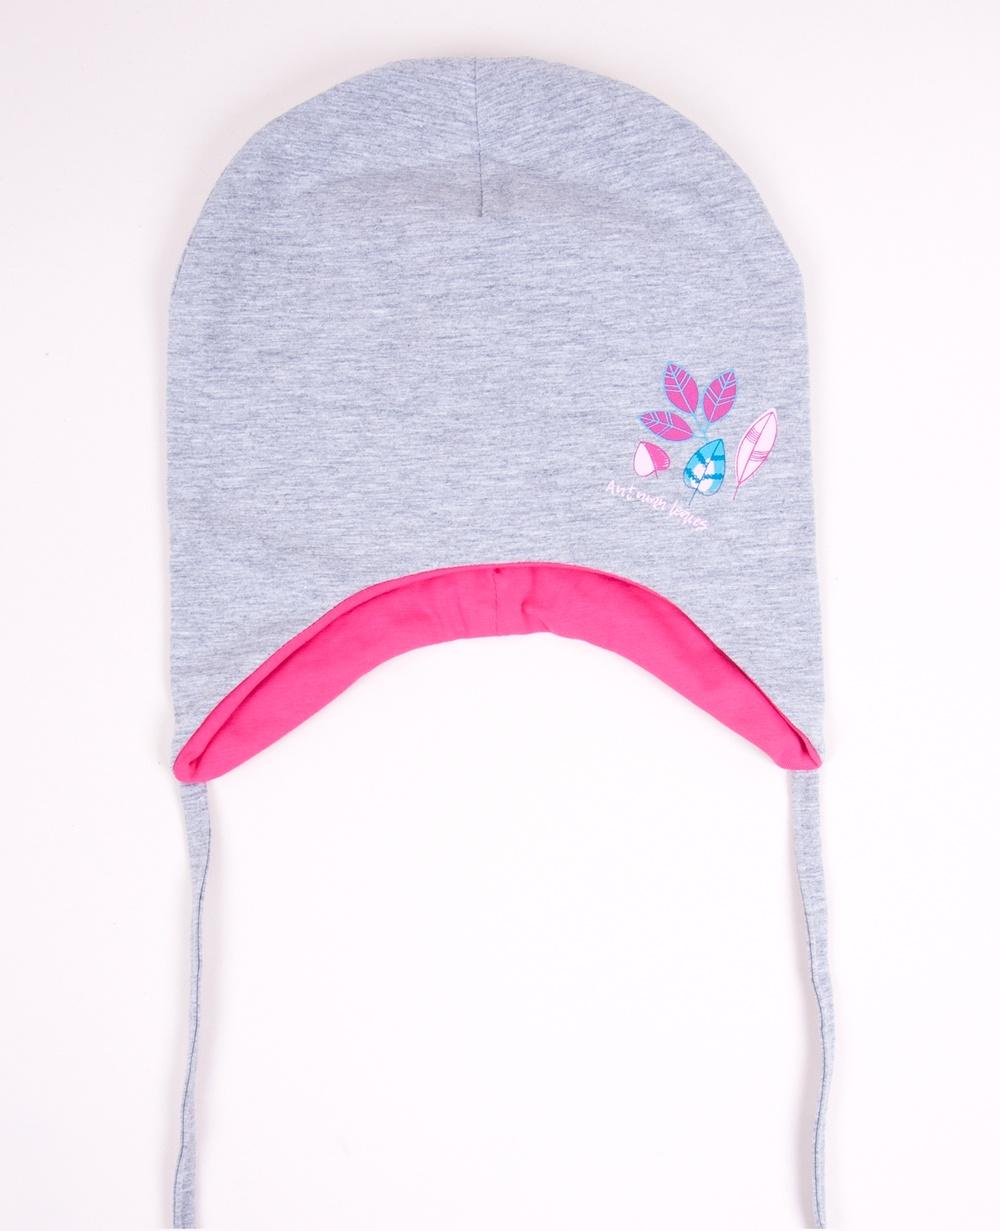 YO kojenecká čepička podzimní/jarní s lístečky- dívčí vel. 42-44 barva: šedá